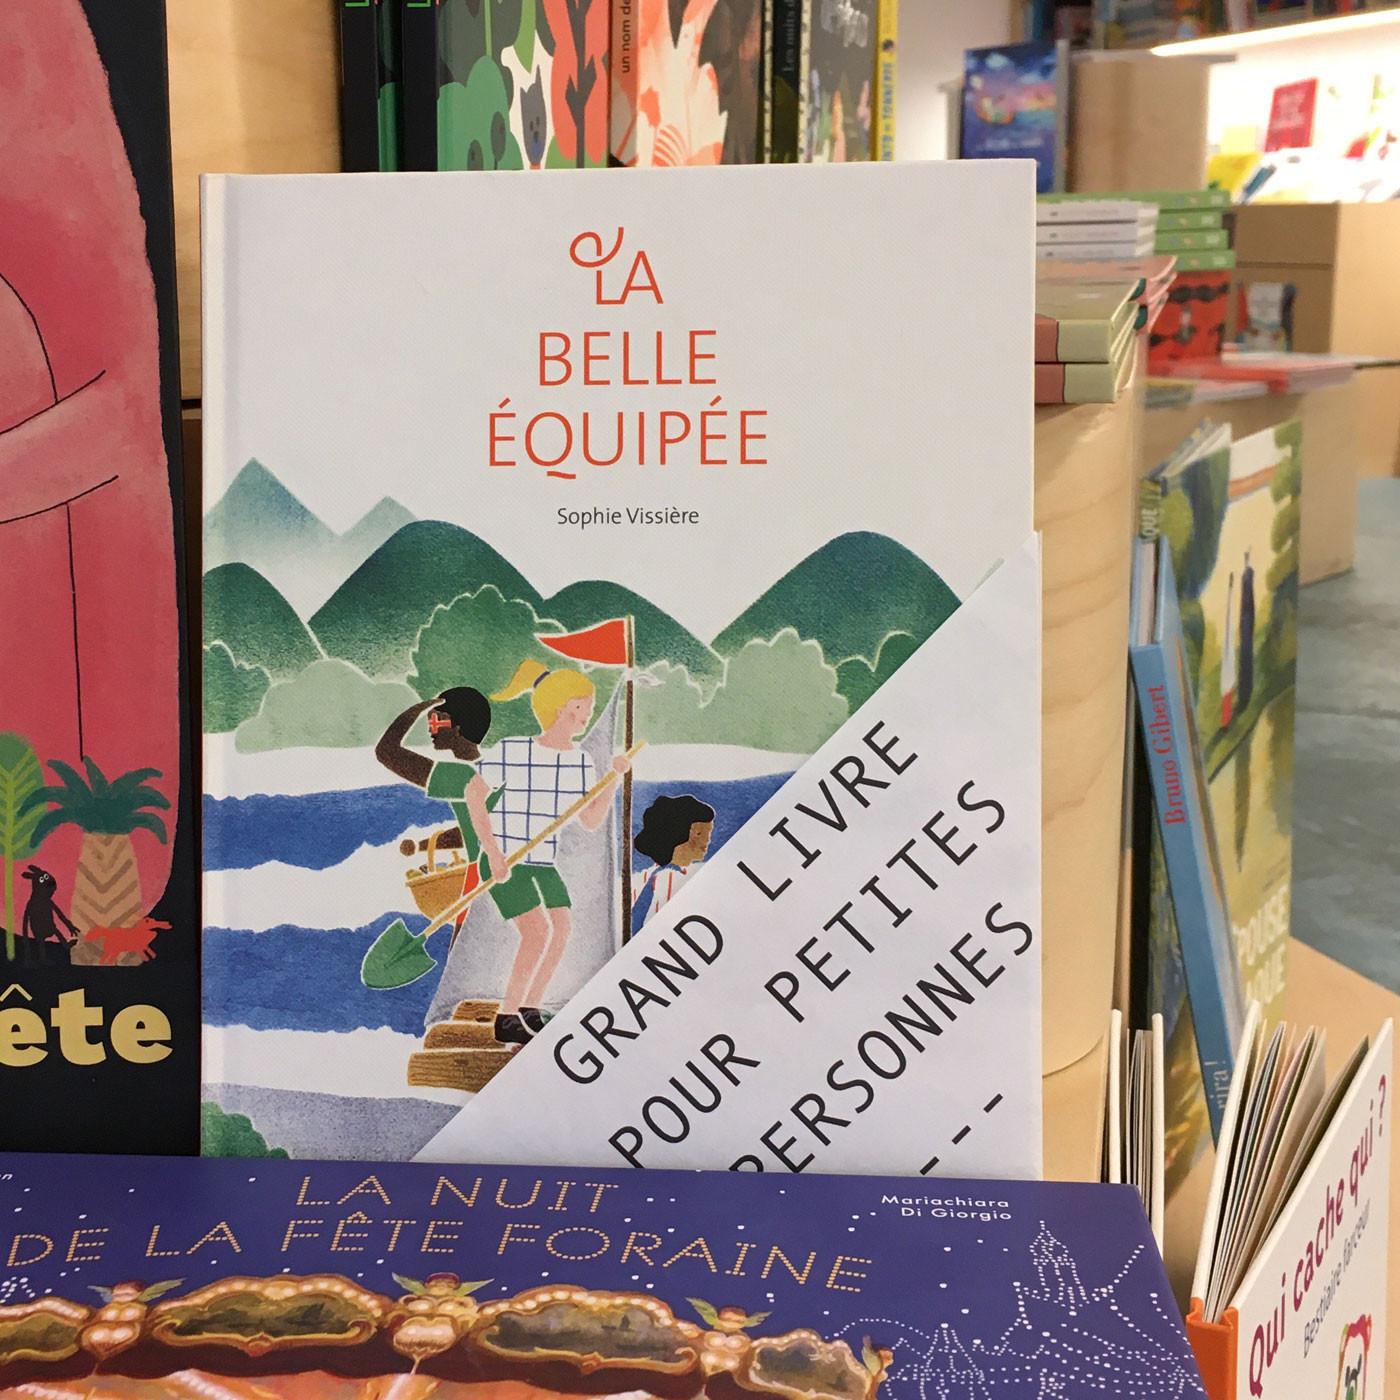 Grands livres pour petites personnes #16 - La Belle Équipée